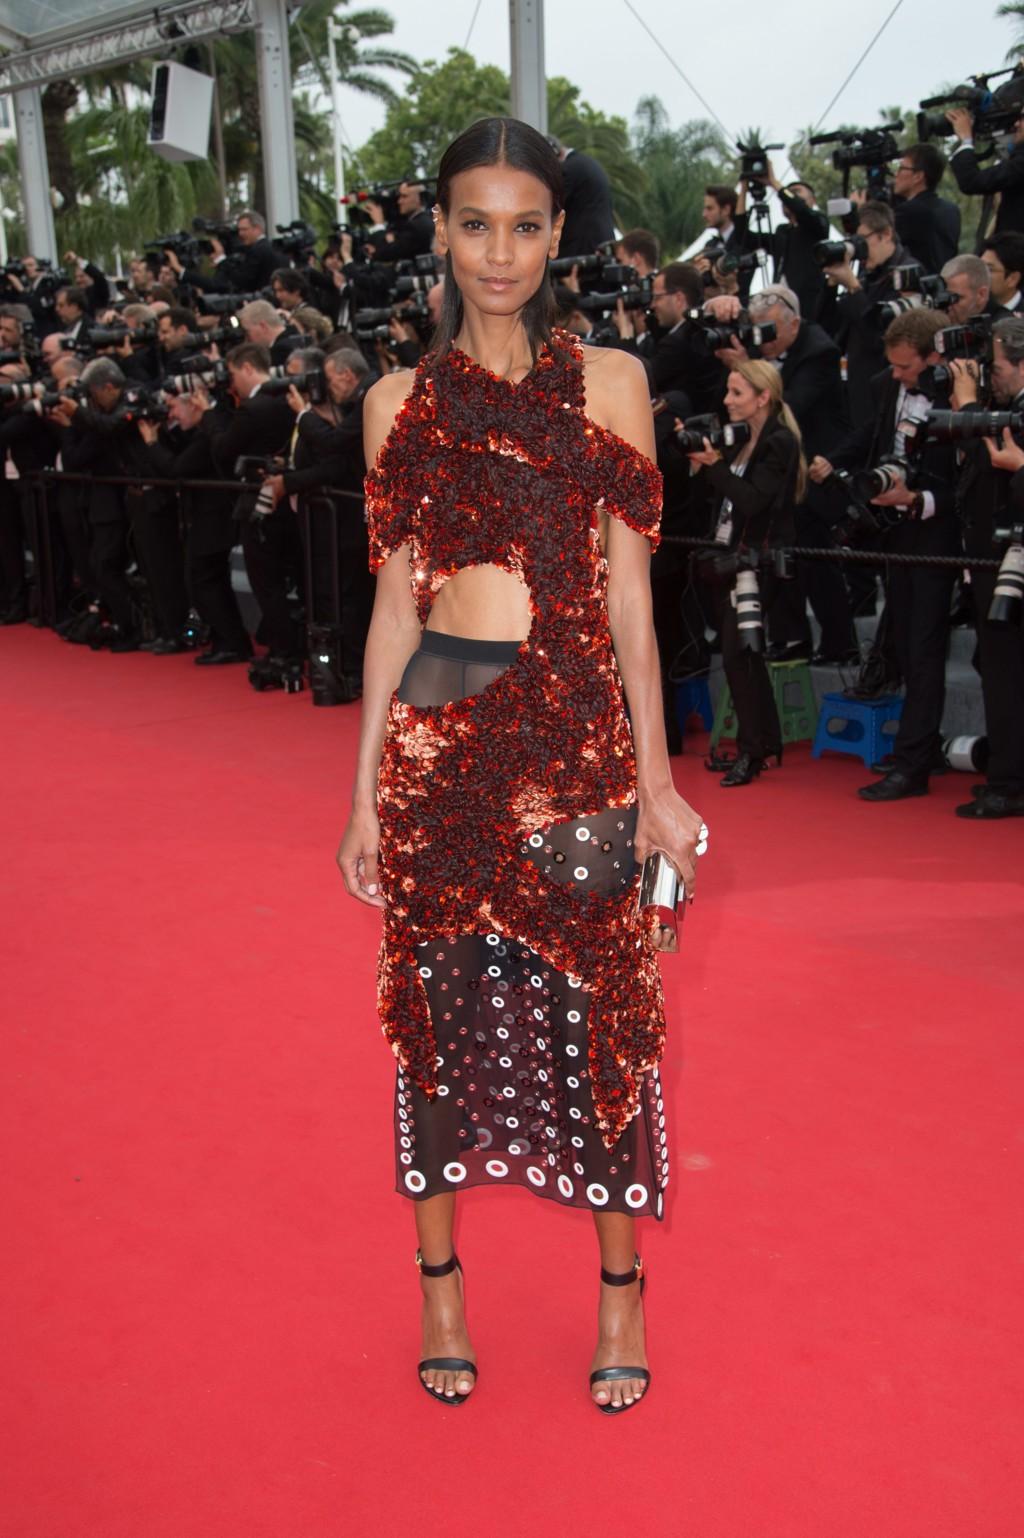 Liya Kebede meglehetősen furcsa öltözetben, egy Proenza Schouler ruhában